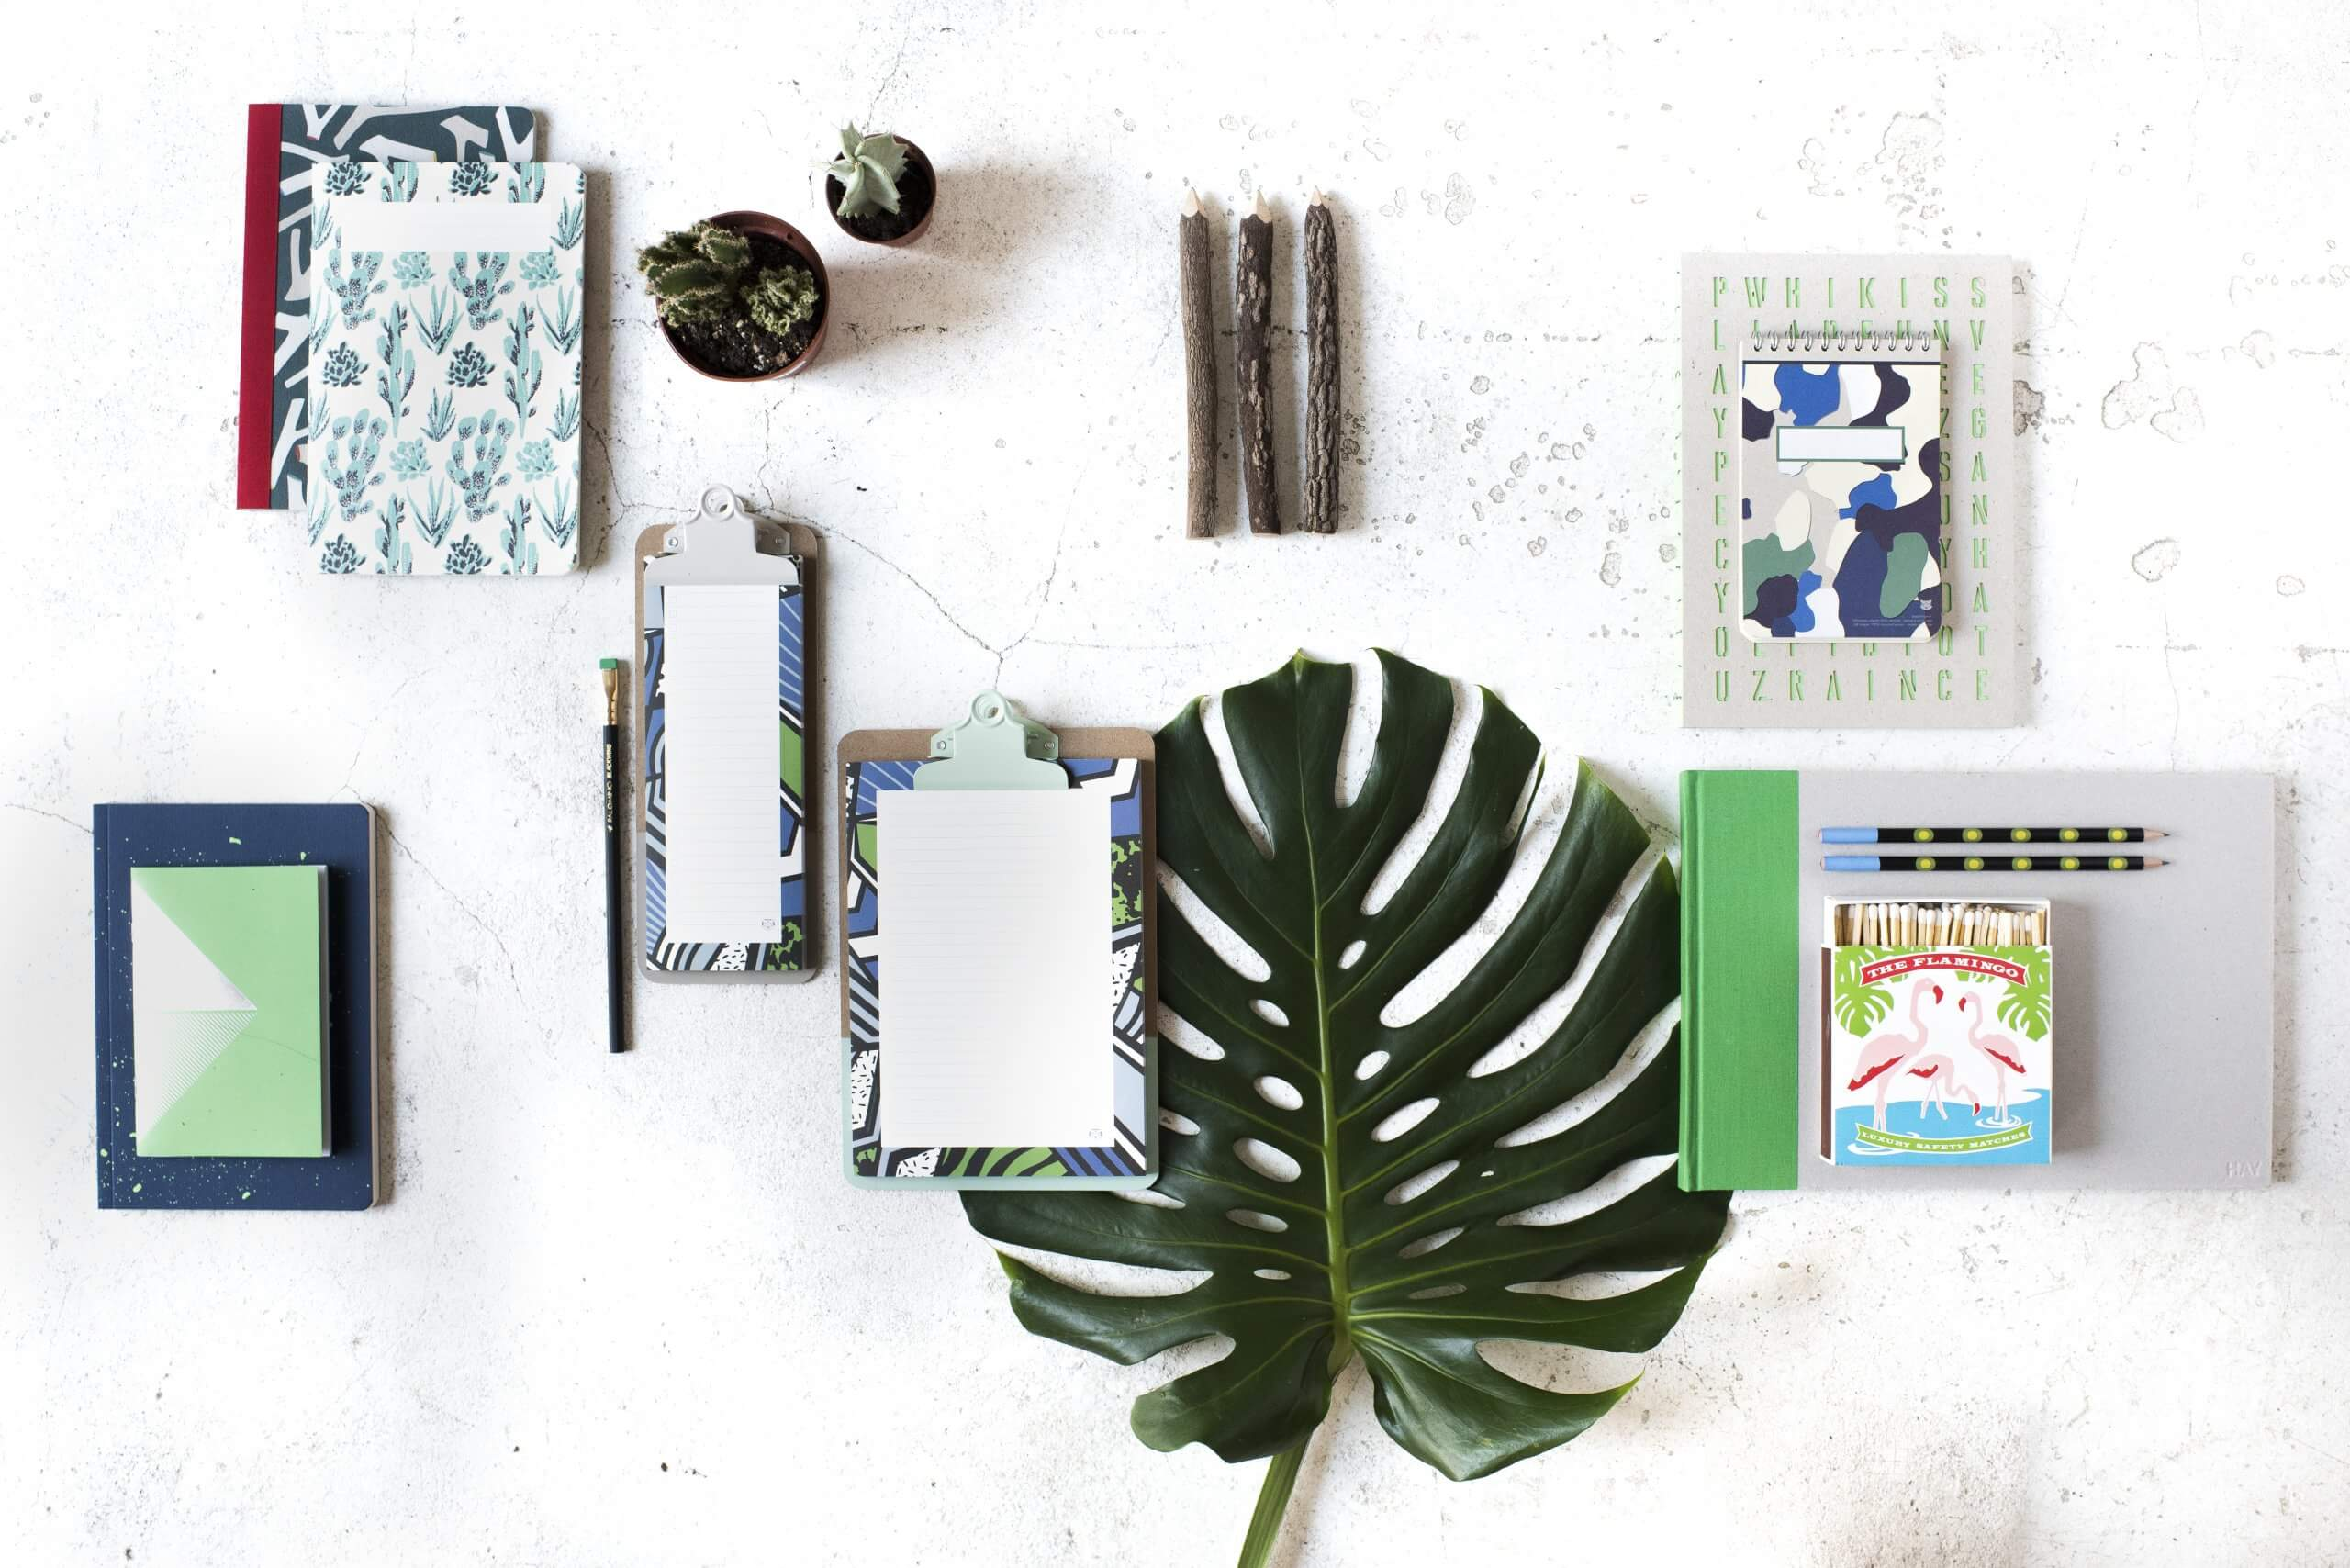 Productos de papelería en tonos verdes y azules